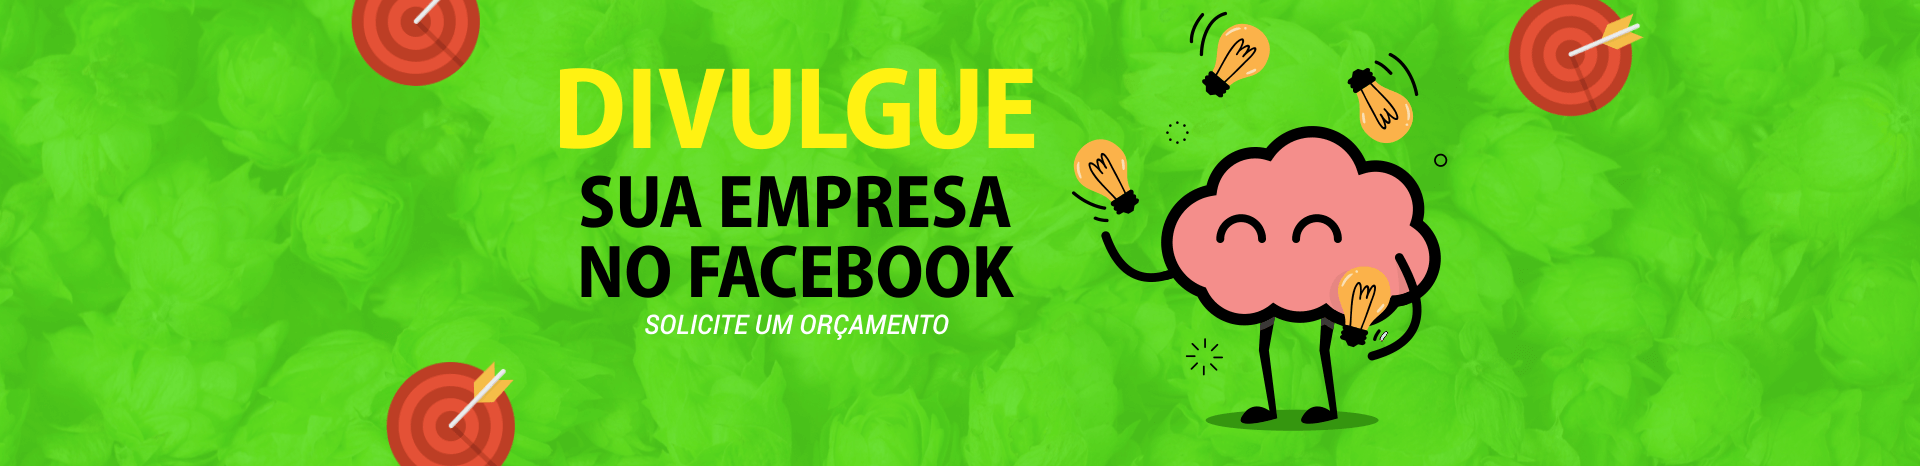 Divulgue sua empresa no Facebook